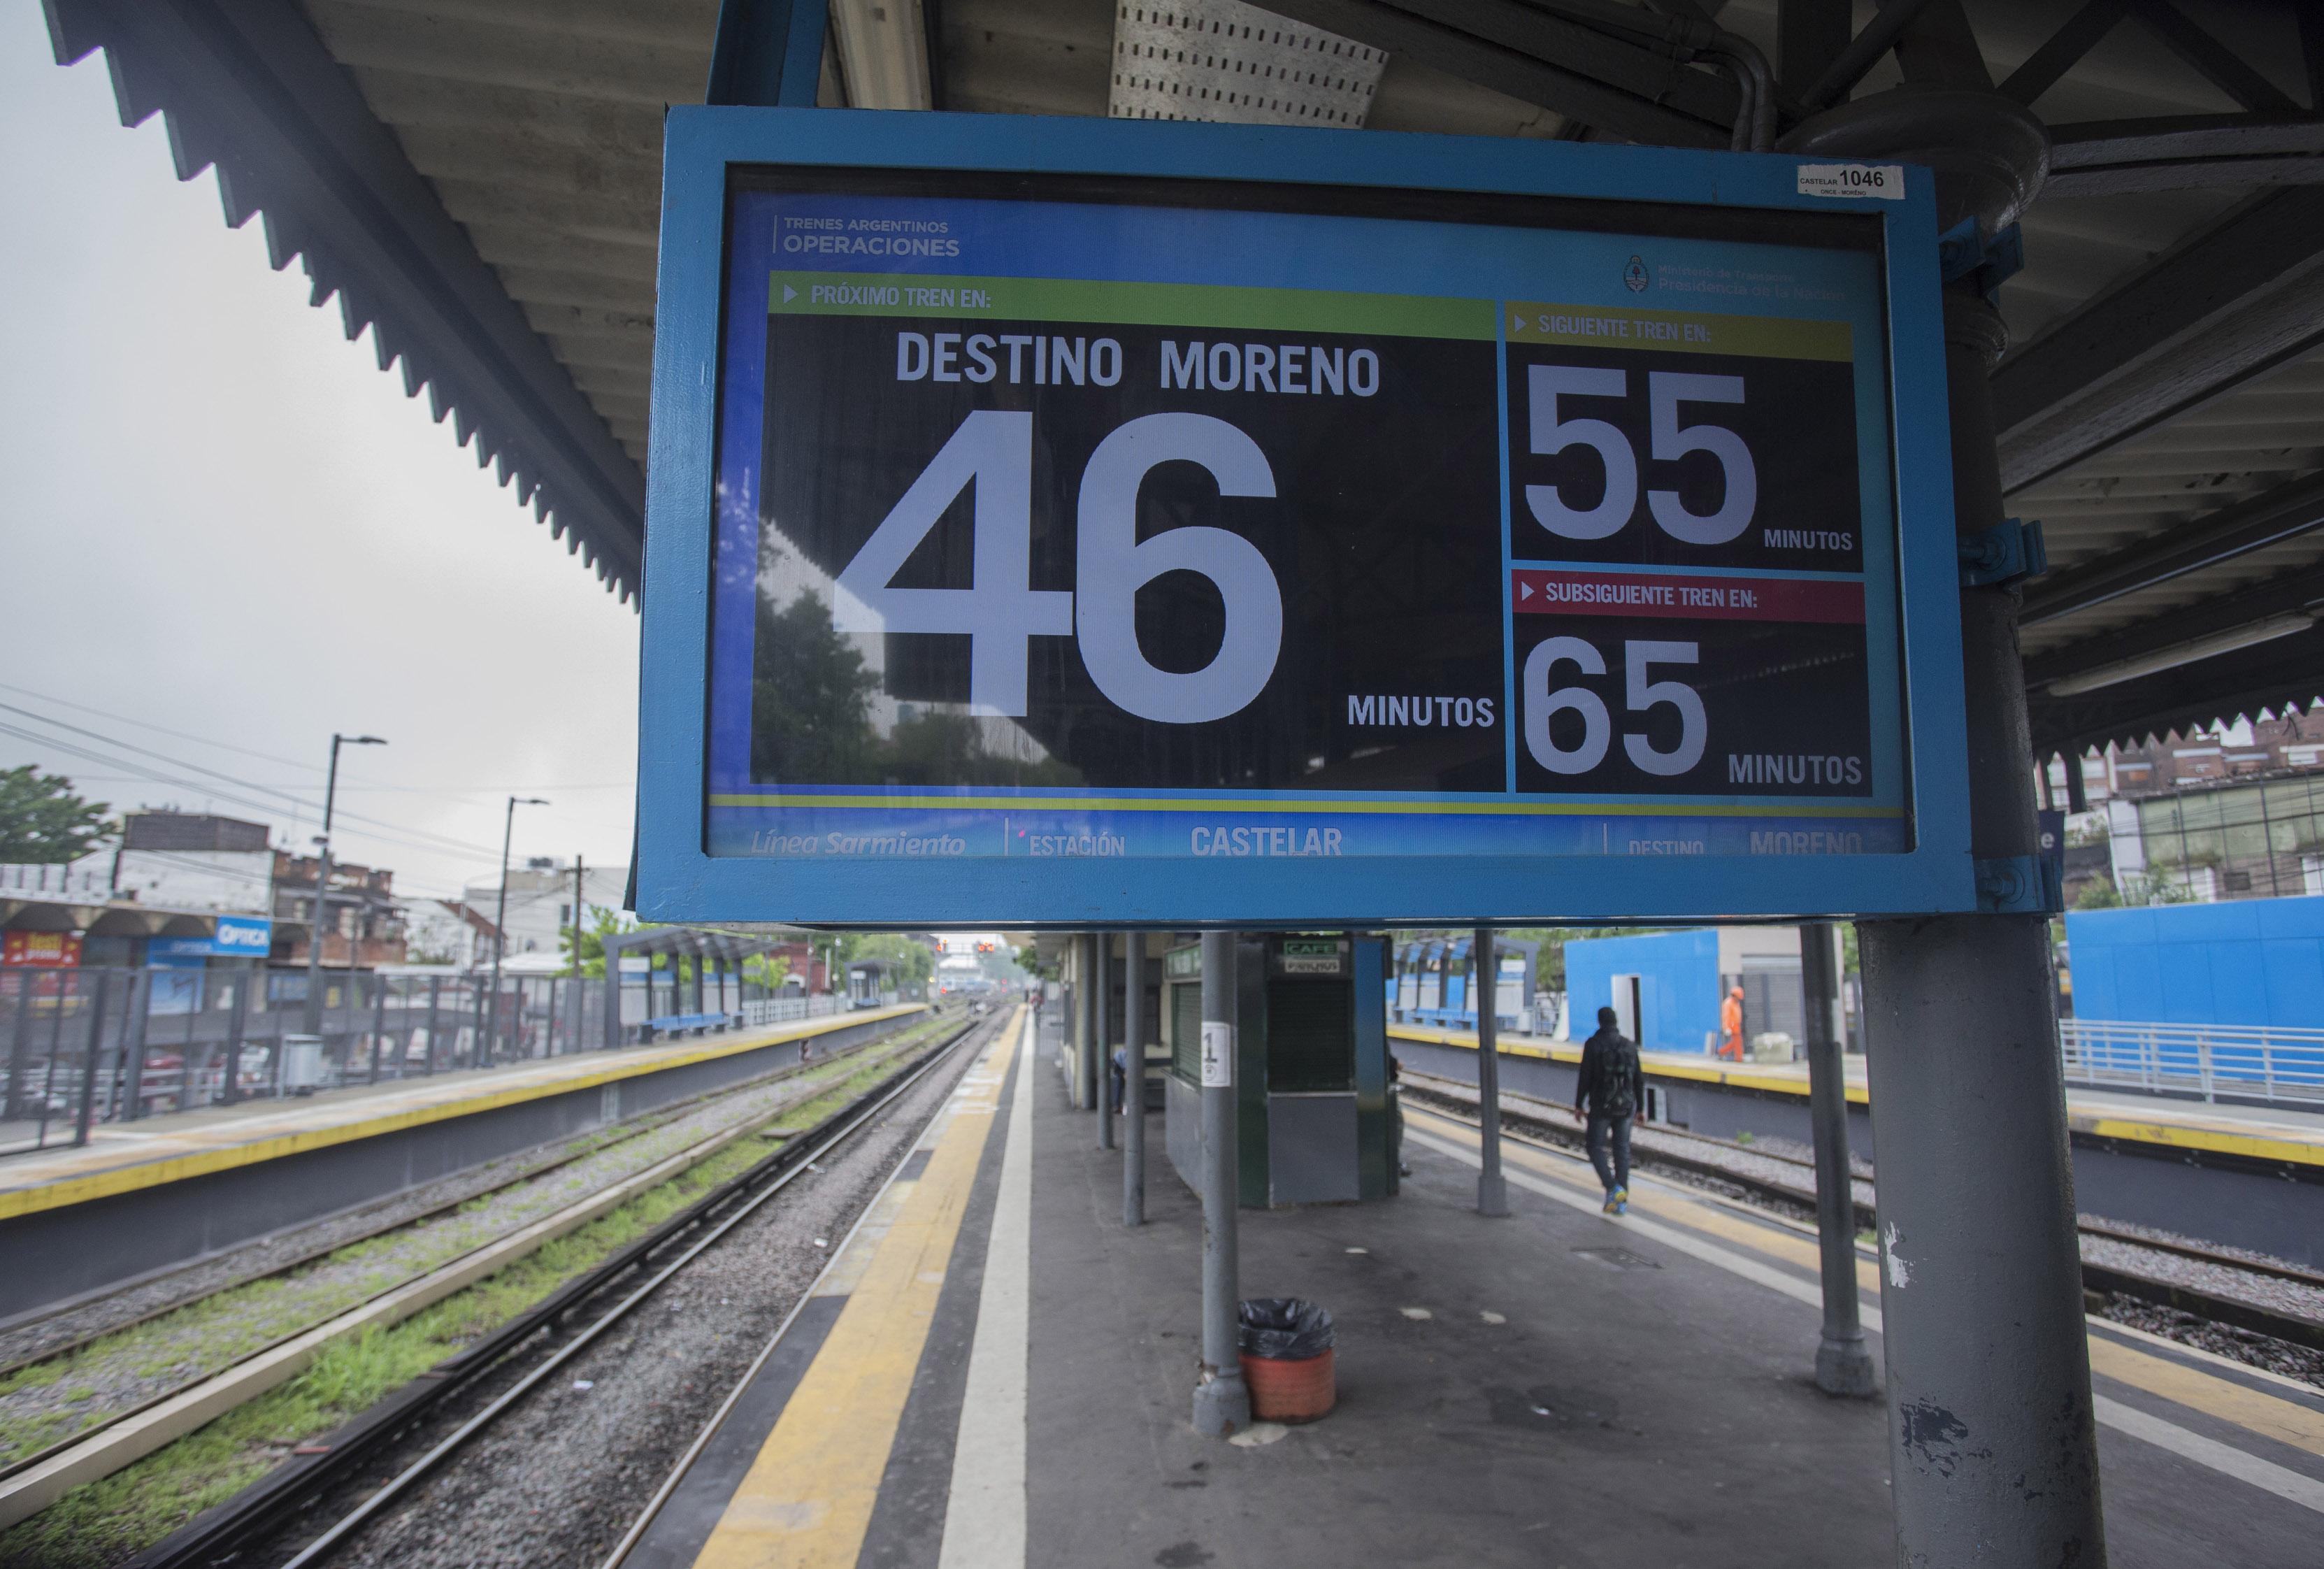 DYN08,CASTELAR, BUENOS AIRES, 26/10/2016, PARO DE TRENES DE LA LINEA SARMIENTO. FOTO:DYN/EZEQUIEL PONTORIERO.